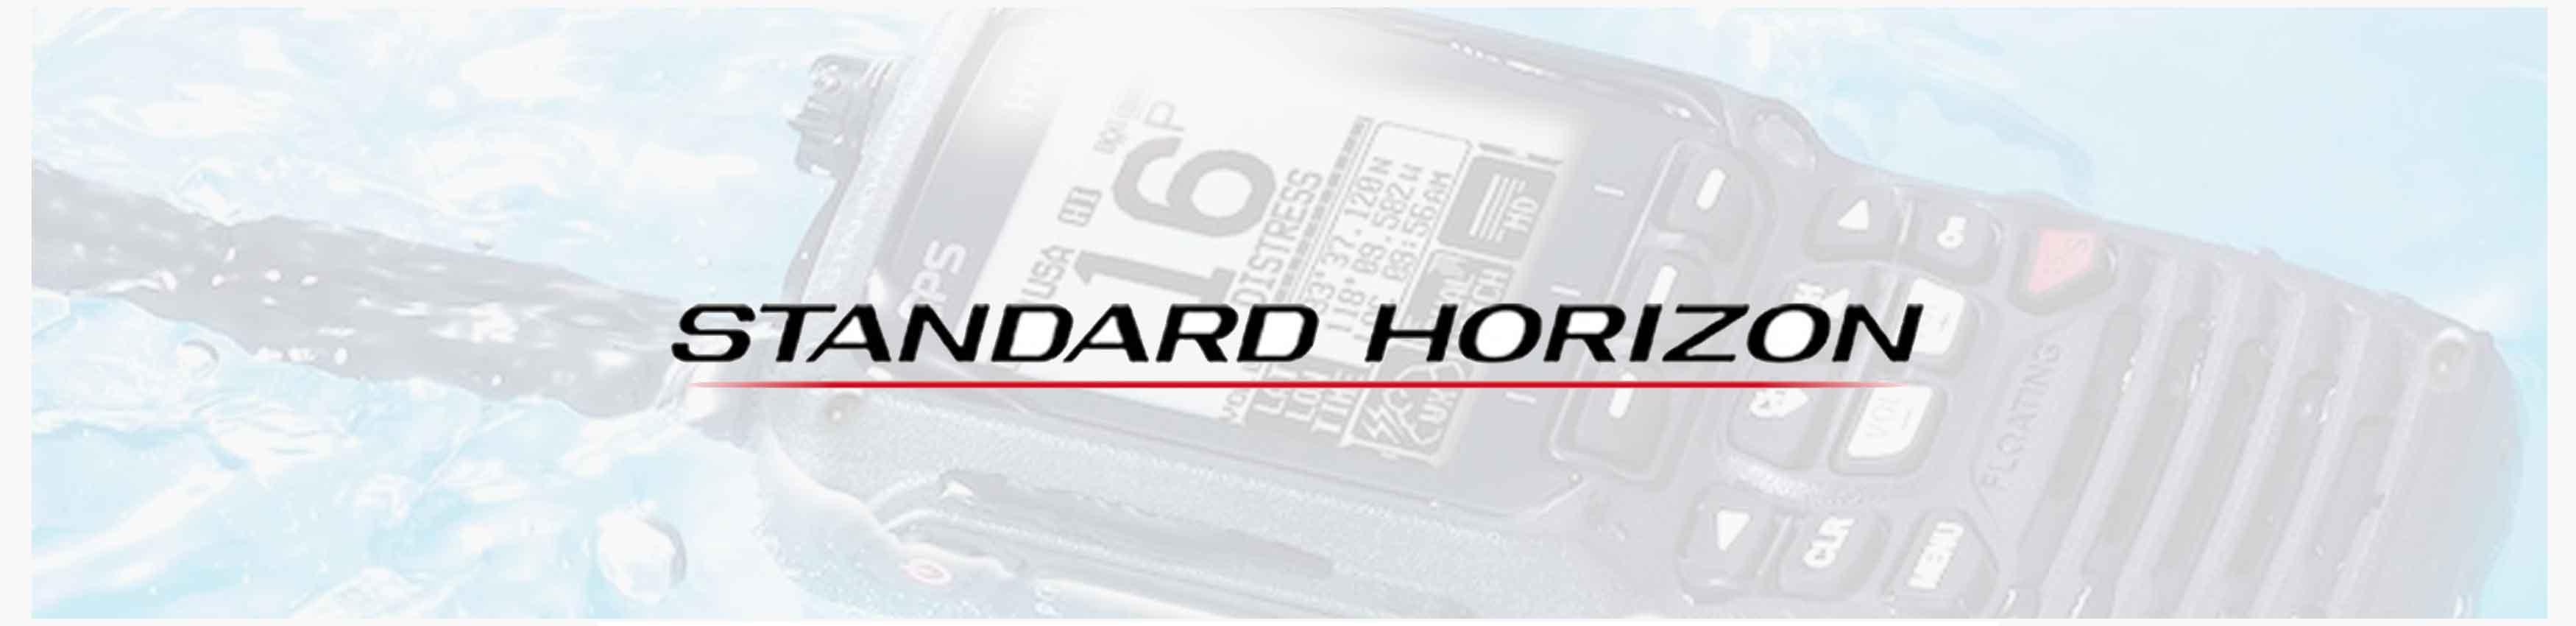 VHF Standard Horizon